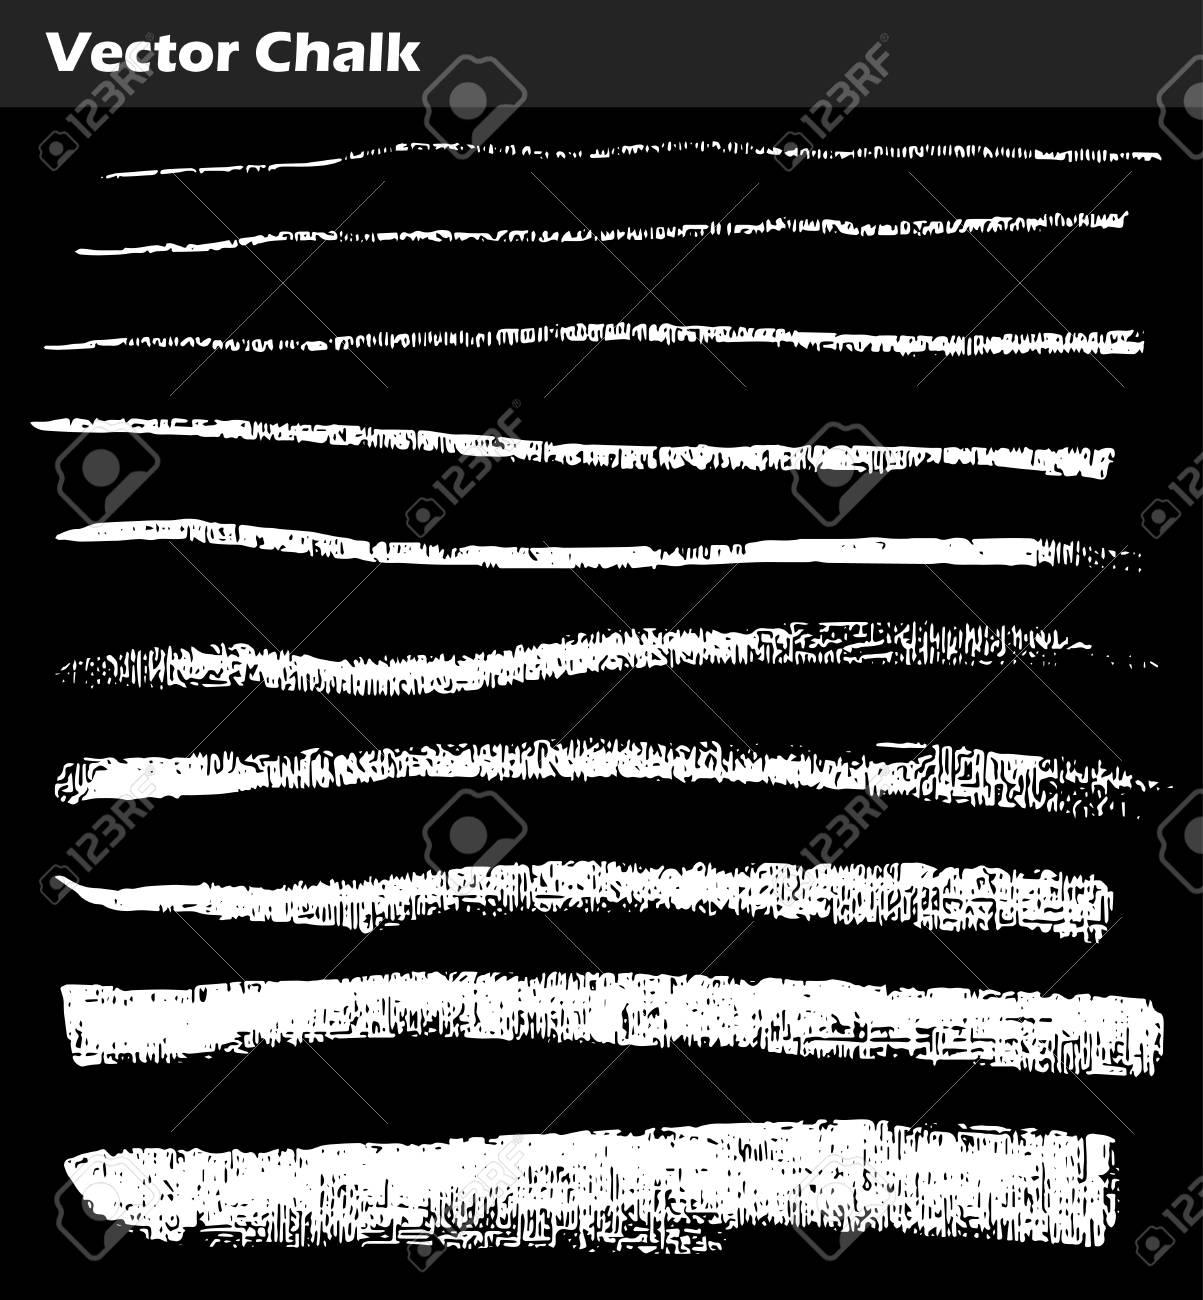 Vector Chalk Lines. Set of Vector Chalk Shapes Grunge Design Elements. Hand drawn illustration. - 125275370